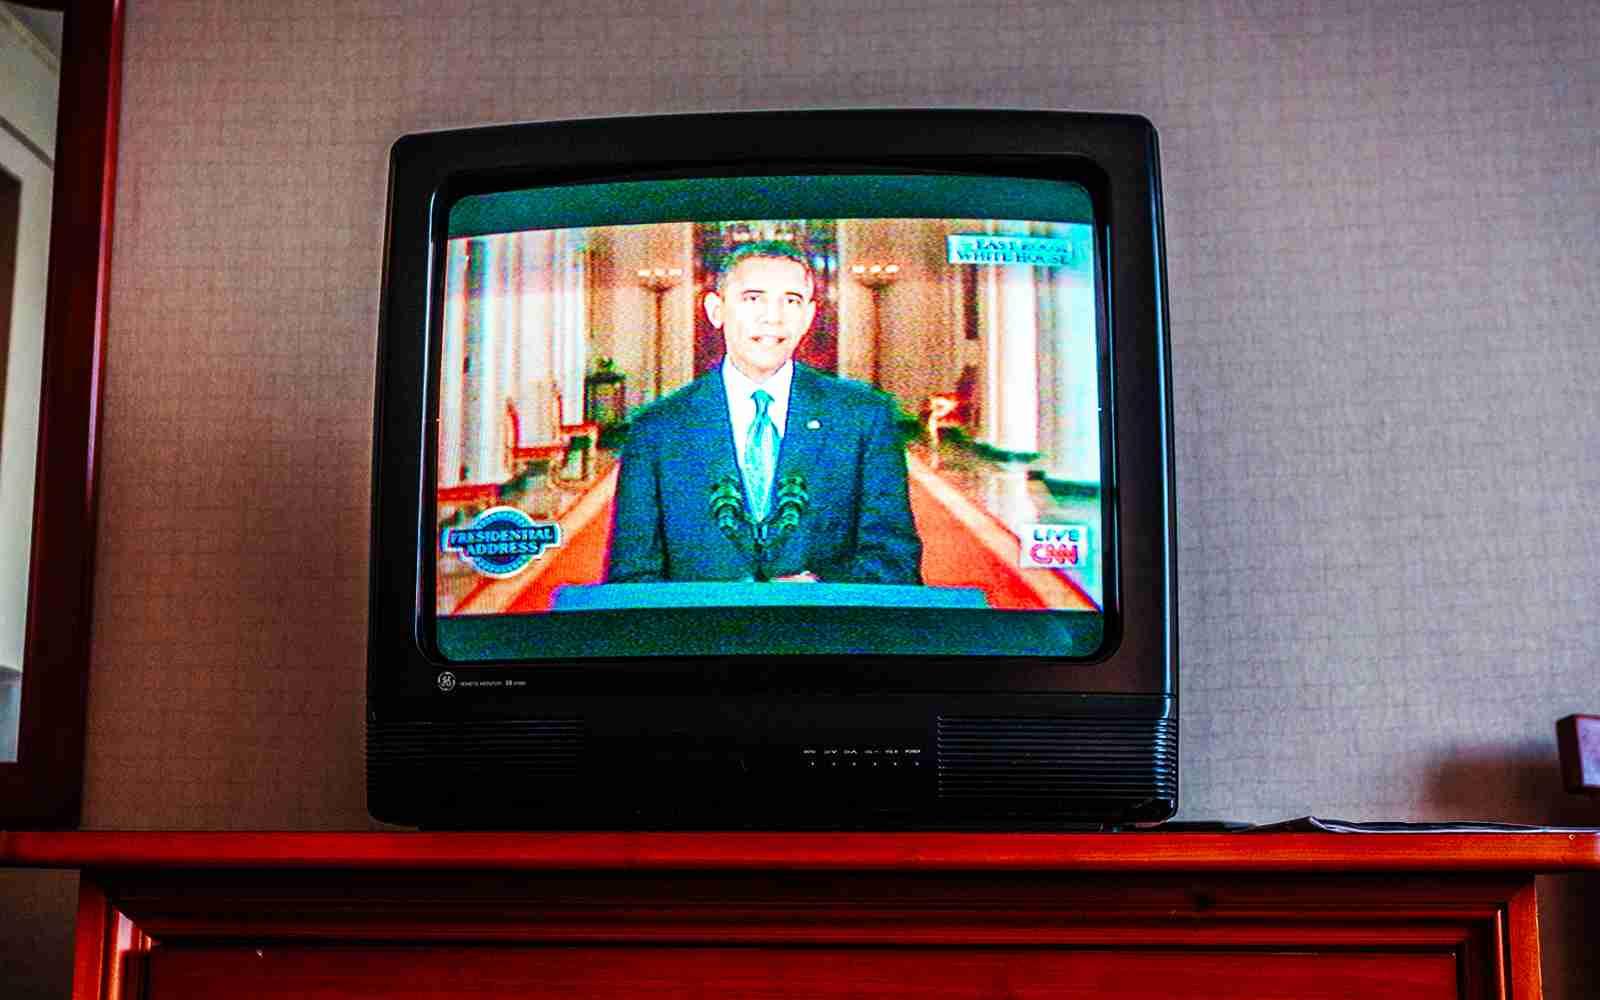 日本に「24時間放送のニュース専門チャンネルがない」という国家的損失。 - Be inspired!